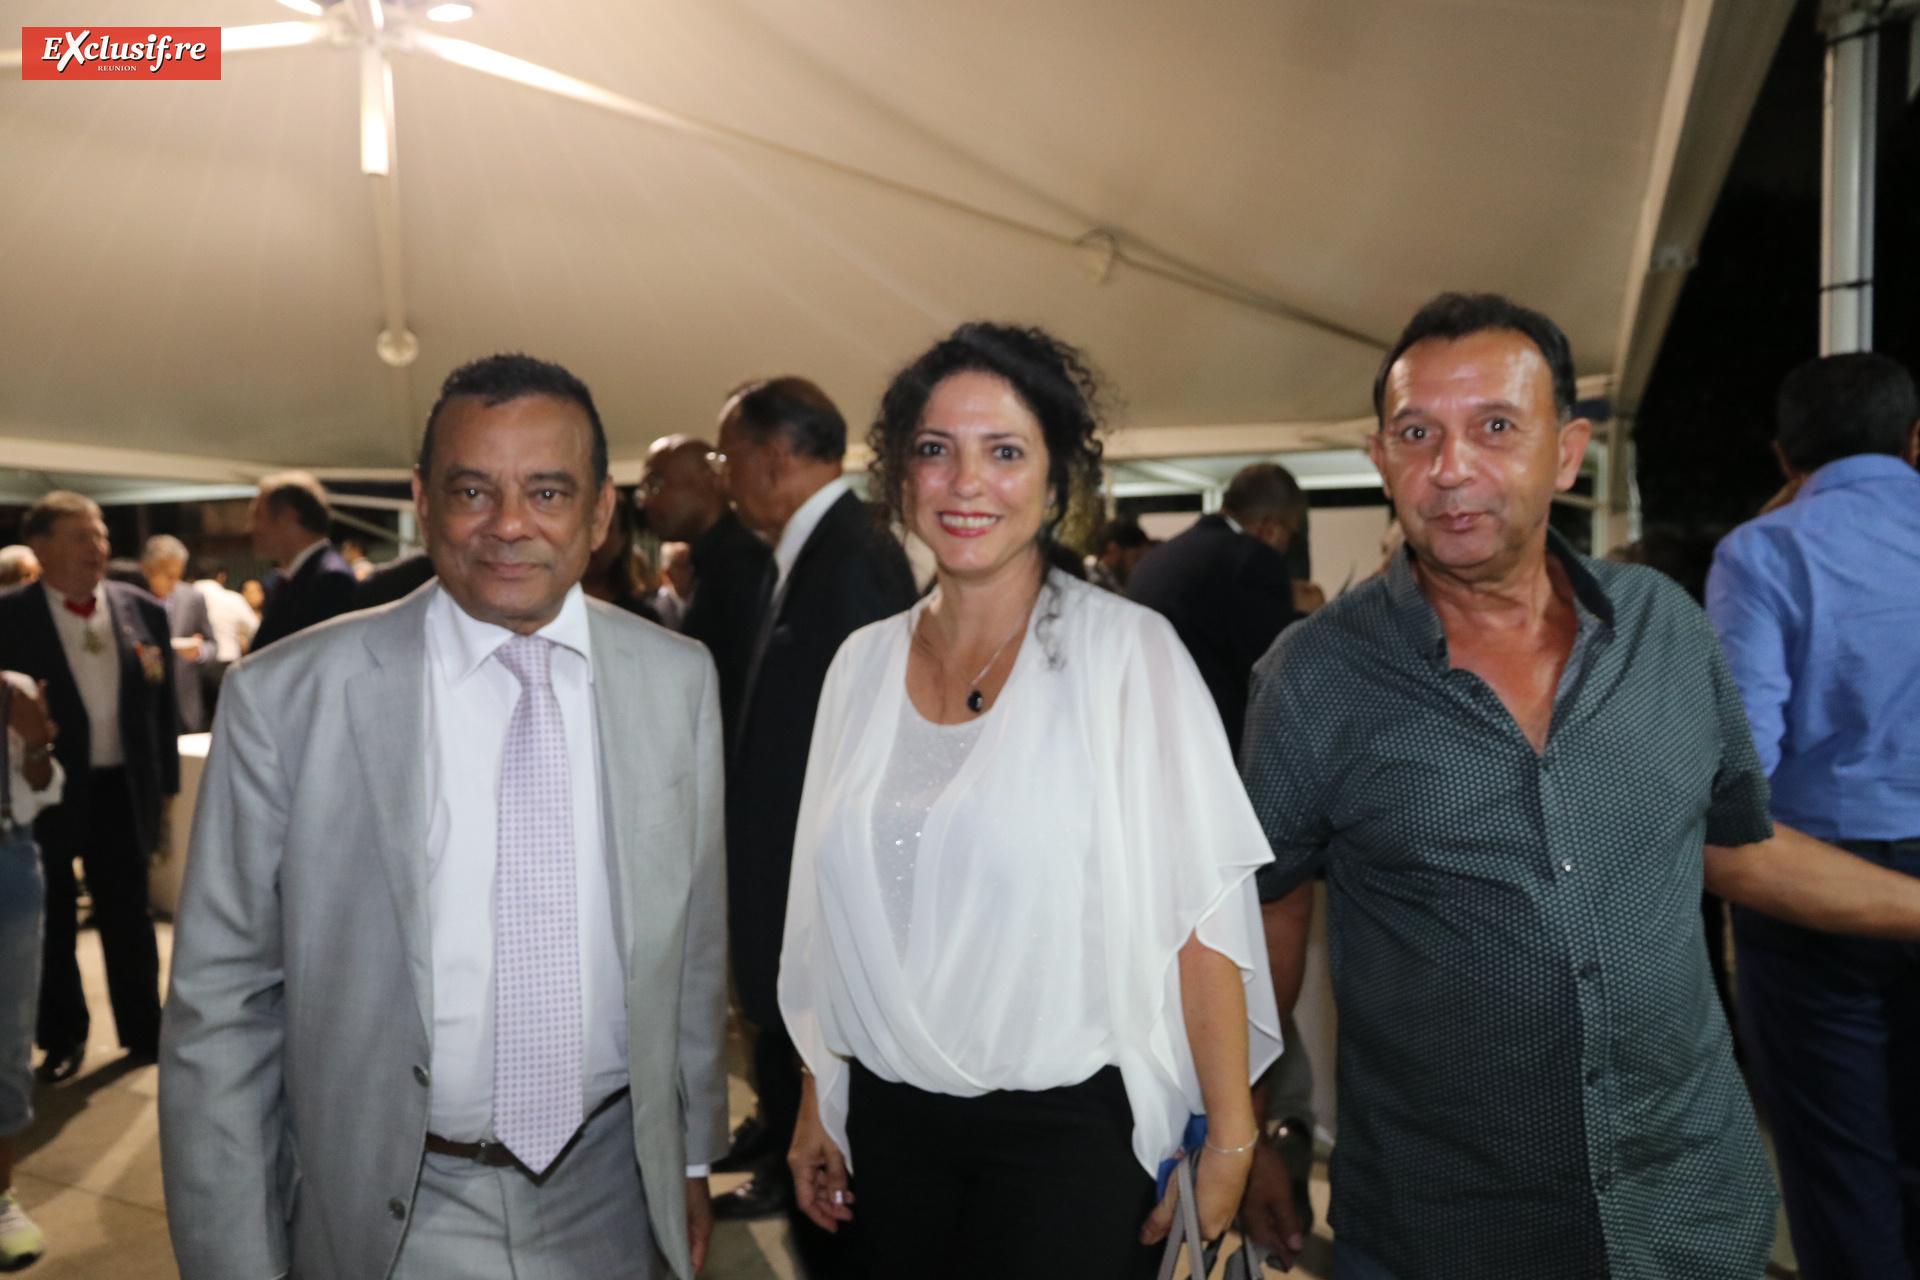 Ivan Collendavelloo, Premier Ministre adjoint de l'île Maurice, Julie Boyer de l'Office du Tourisme de Saint-Pierre, et André Gigan de la PAF